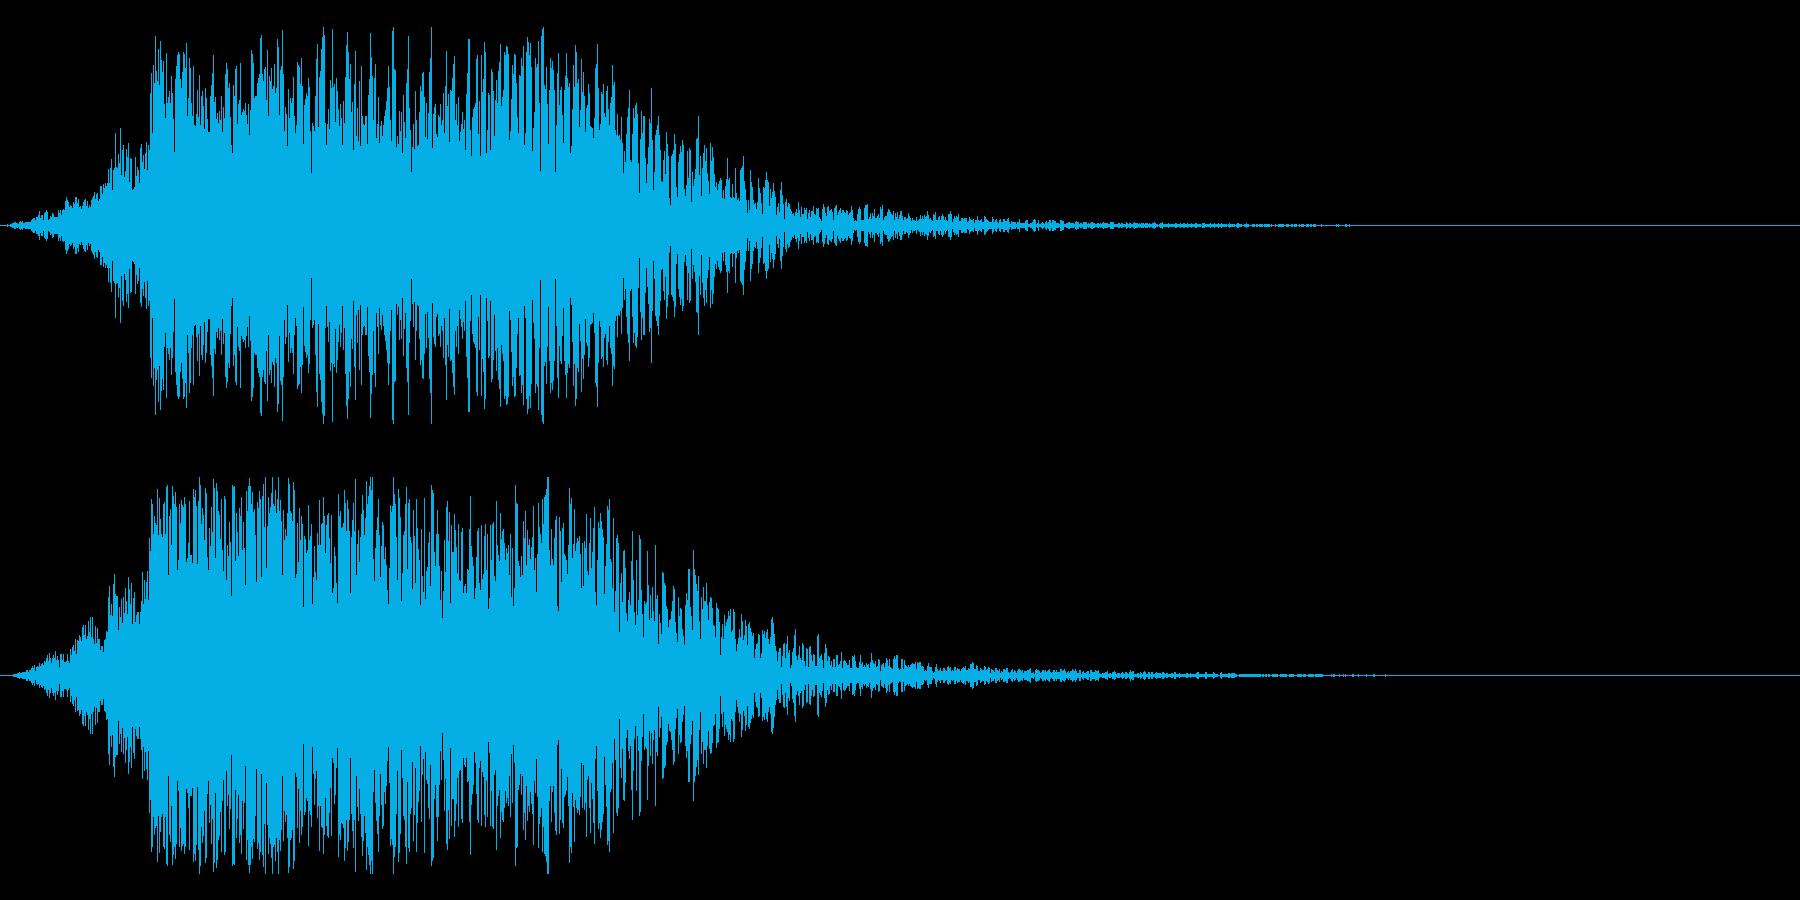 シネマティック DJヒット インパクト1の再生済みの波形